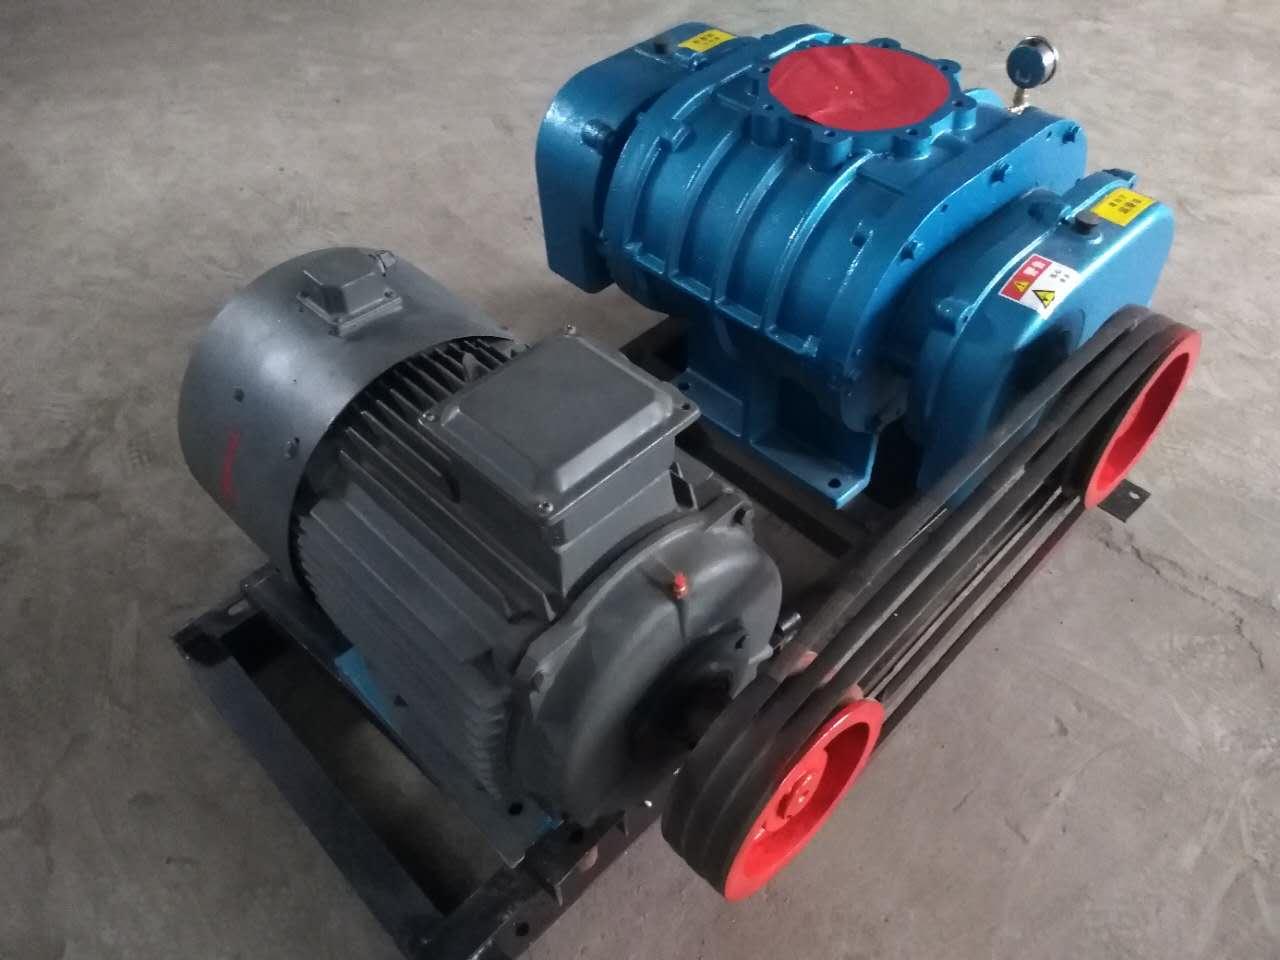 利建罗茨鼓风机200A  罗茨鼓风机200A价格增氧泵 罗茨鼓风机200价格增氧泵